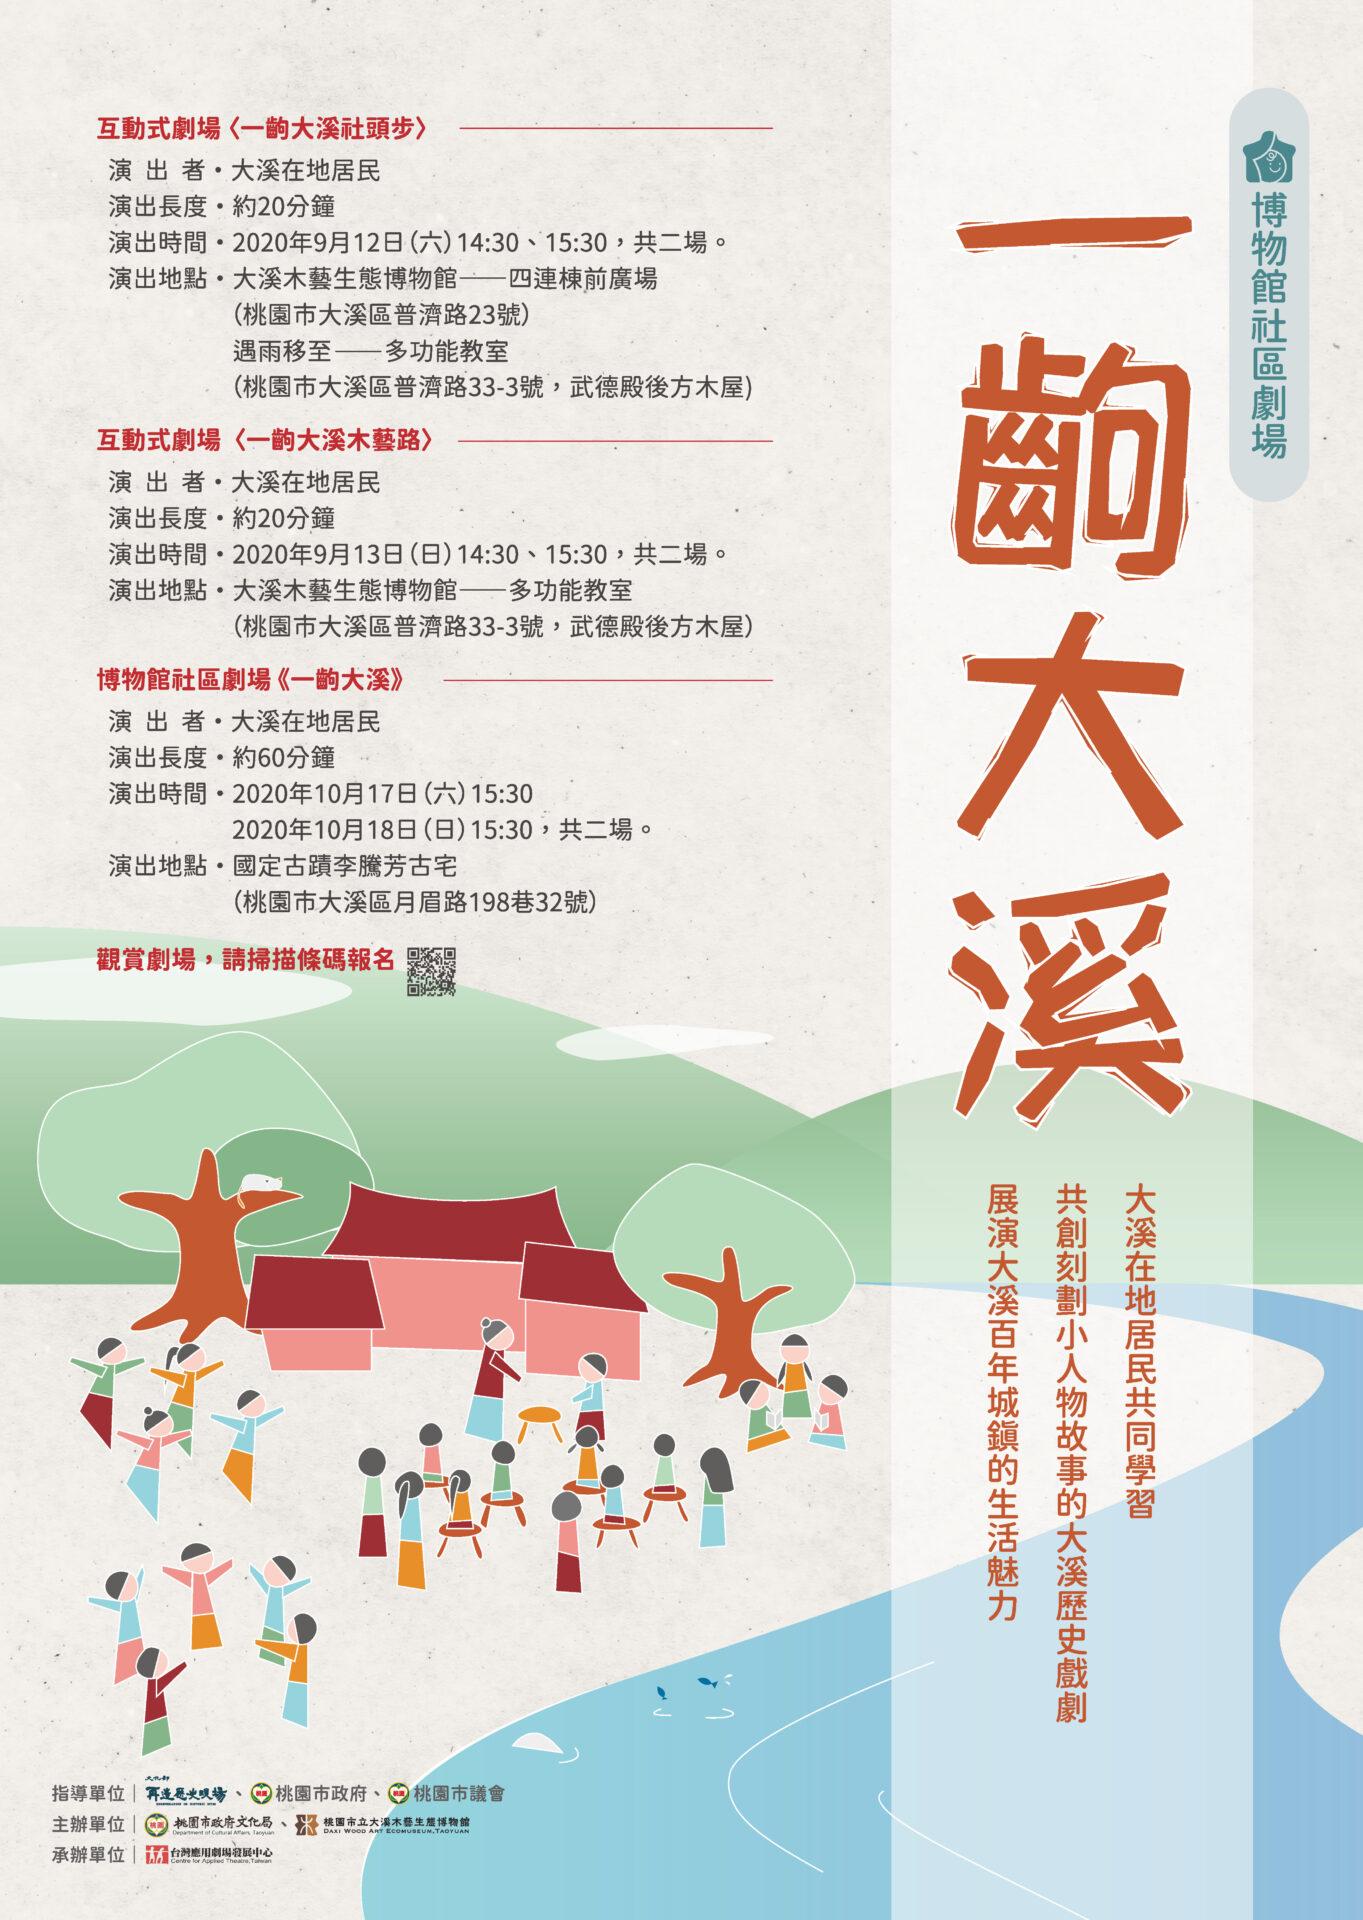 桃園市立大溪木藝生態博物館:2020/9/12、9/13、10/17、10/18【博物館社區劇場《一齣大溪》】